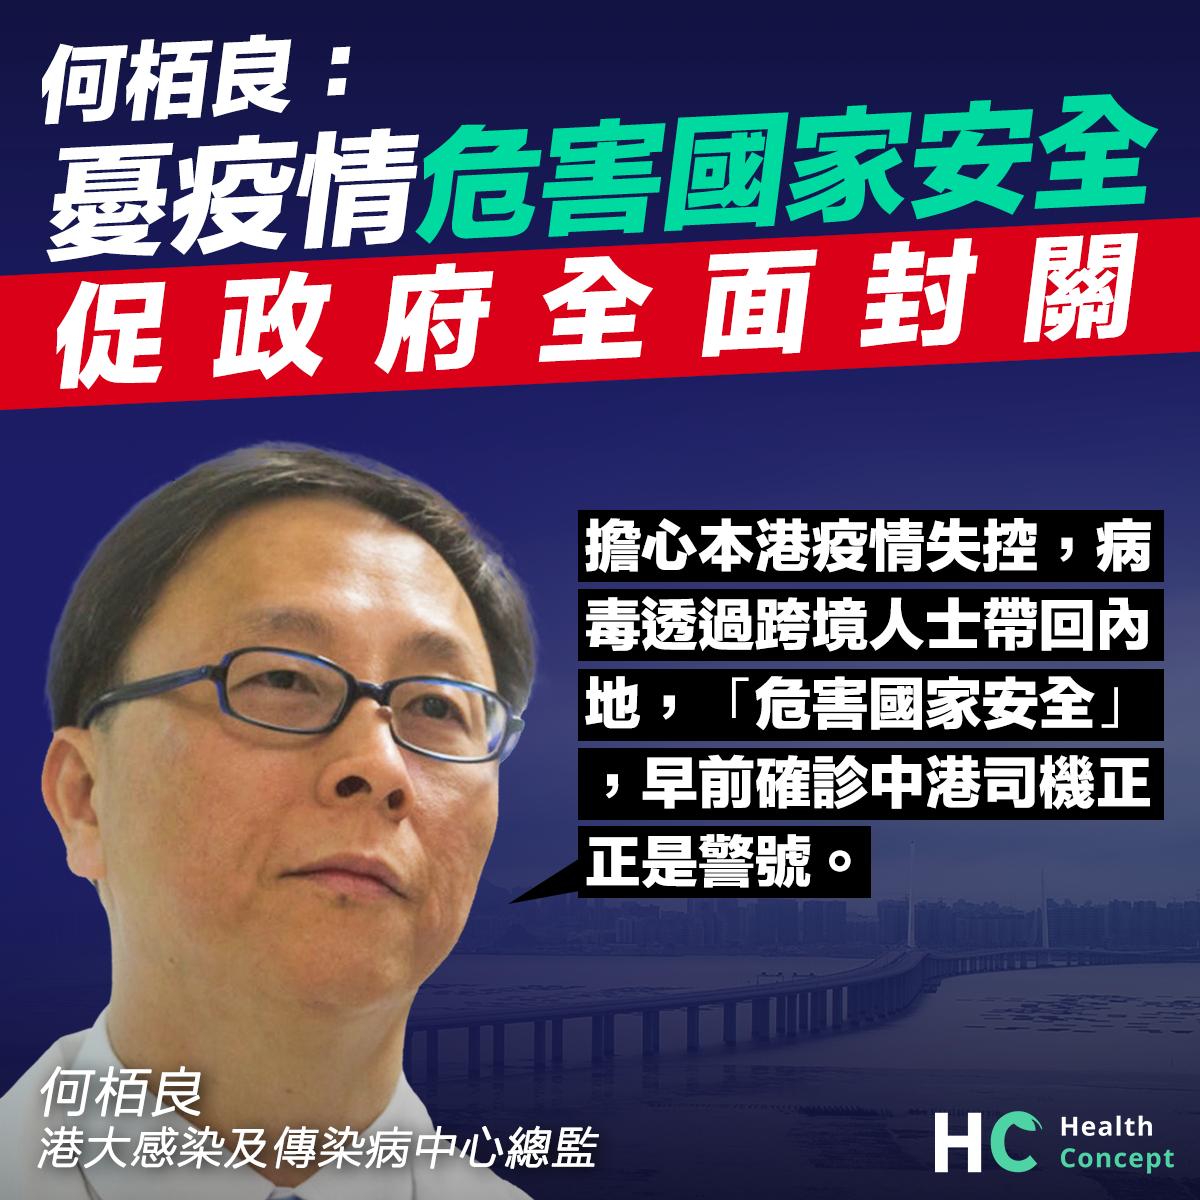 【#新型肺炎】何栢良:憂疫情危害國家安全 促政府全面封關